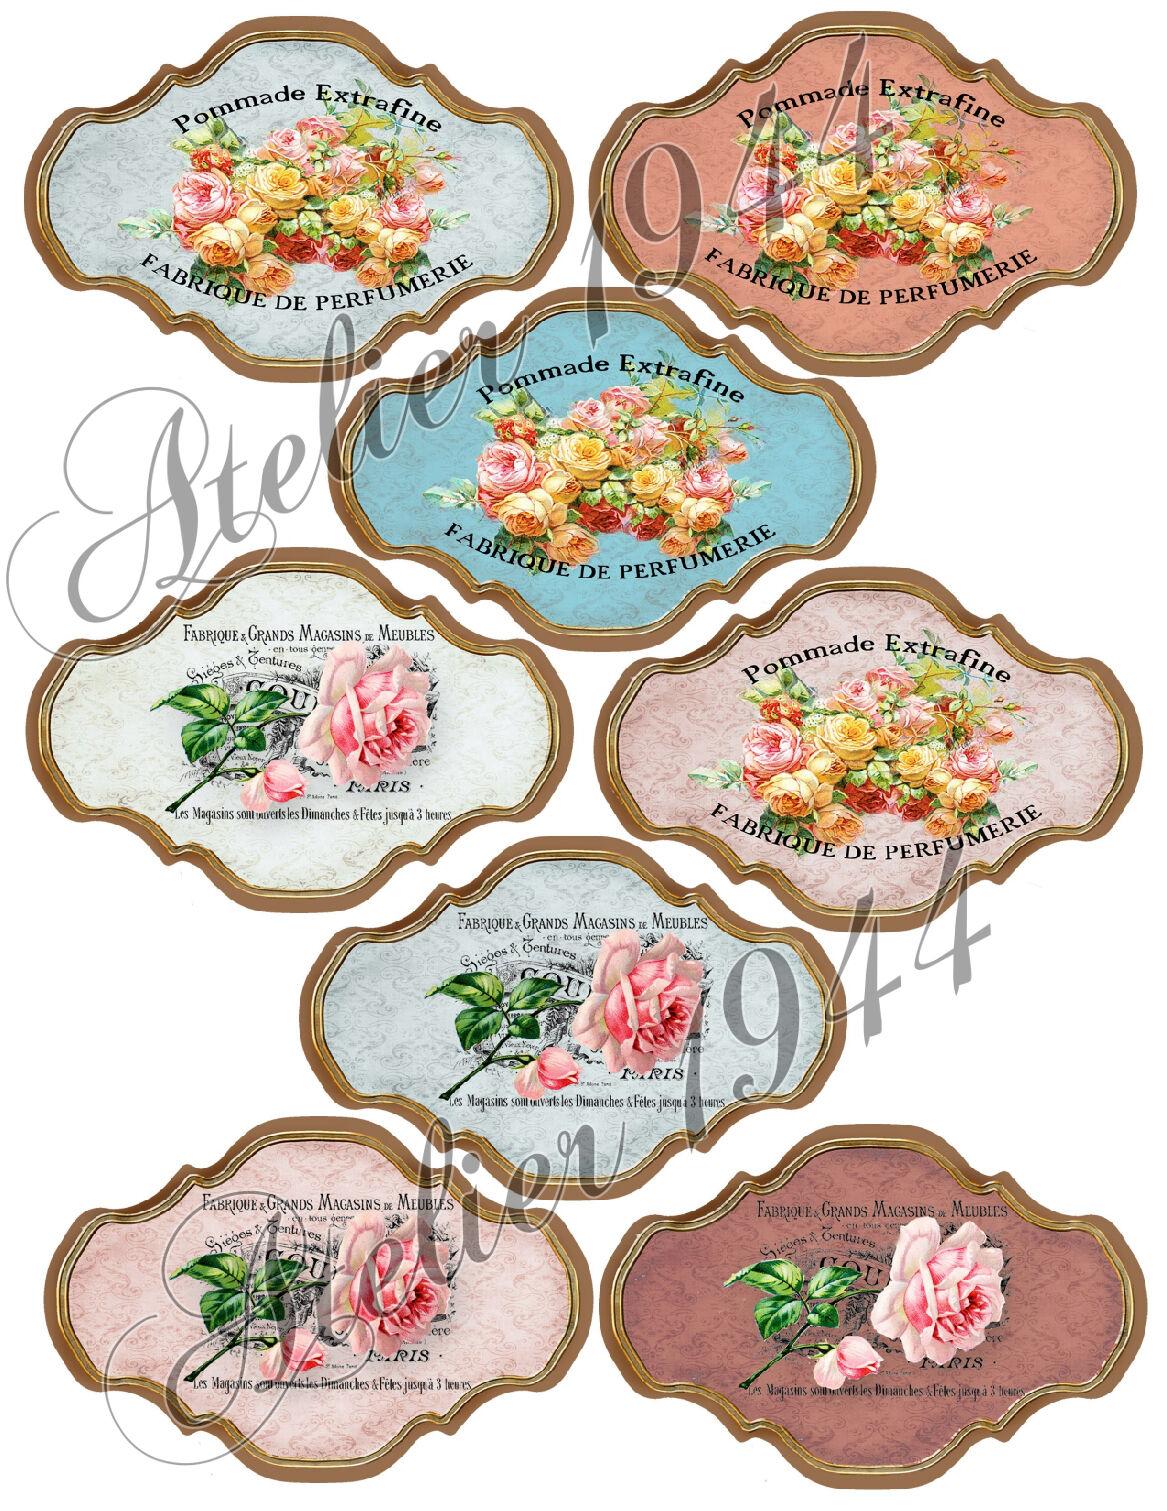 Aufkleber-Möbeltattoo-transparent-Sticker-French Flora Labels-1013